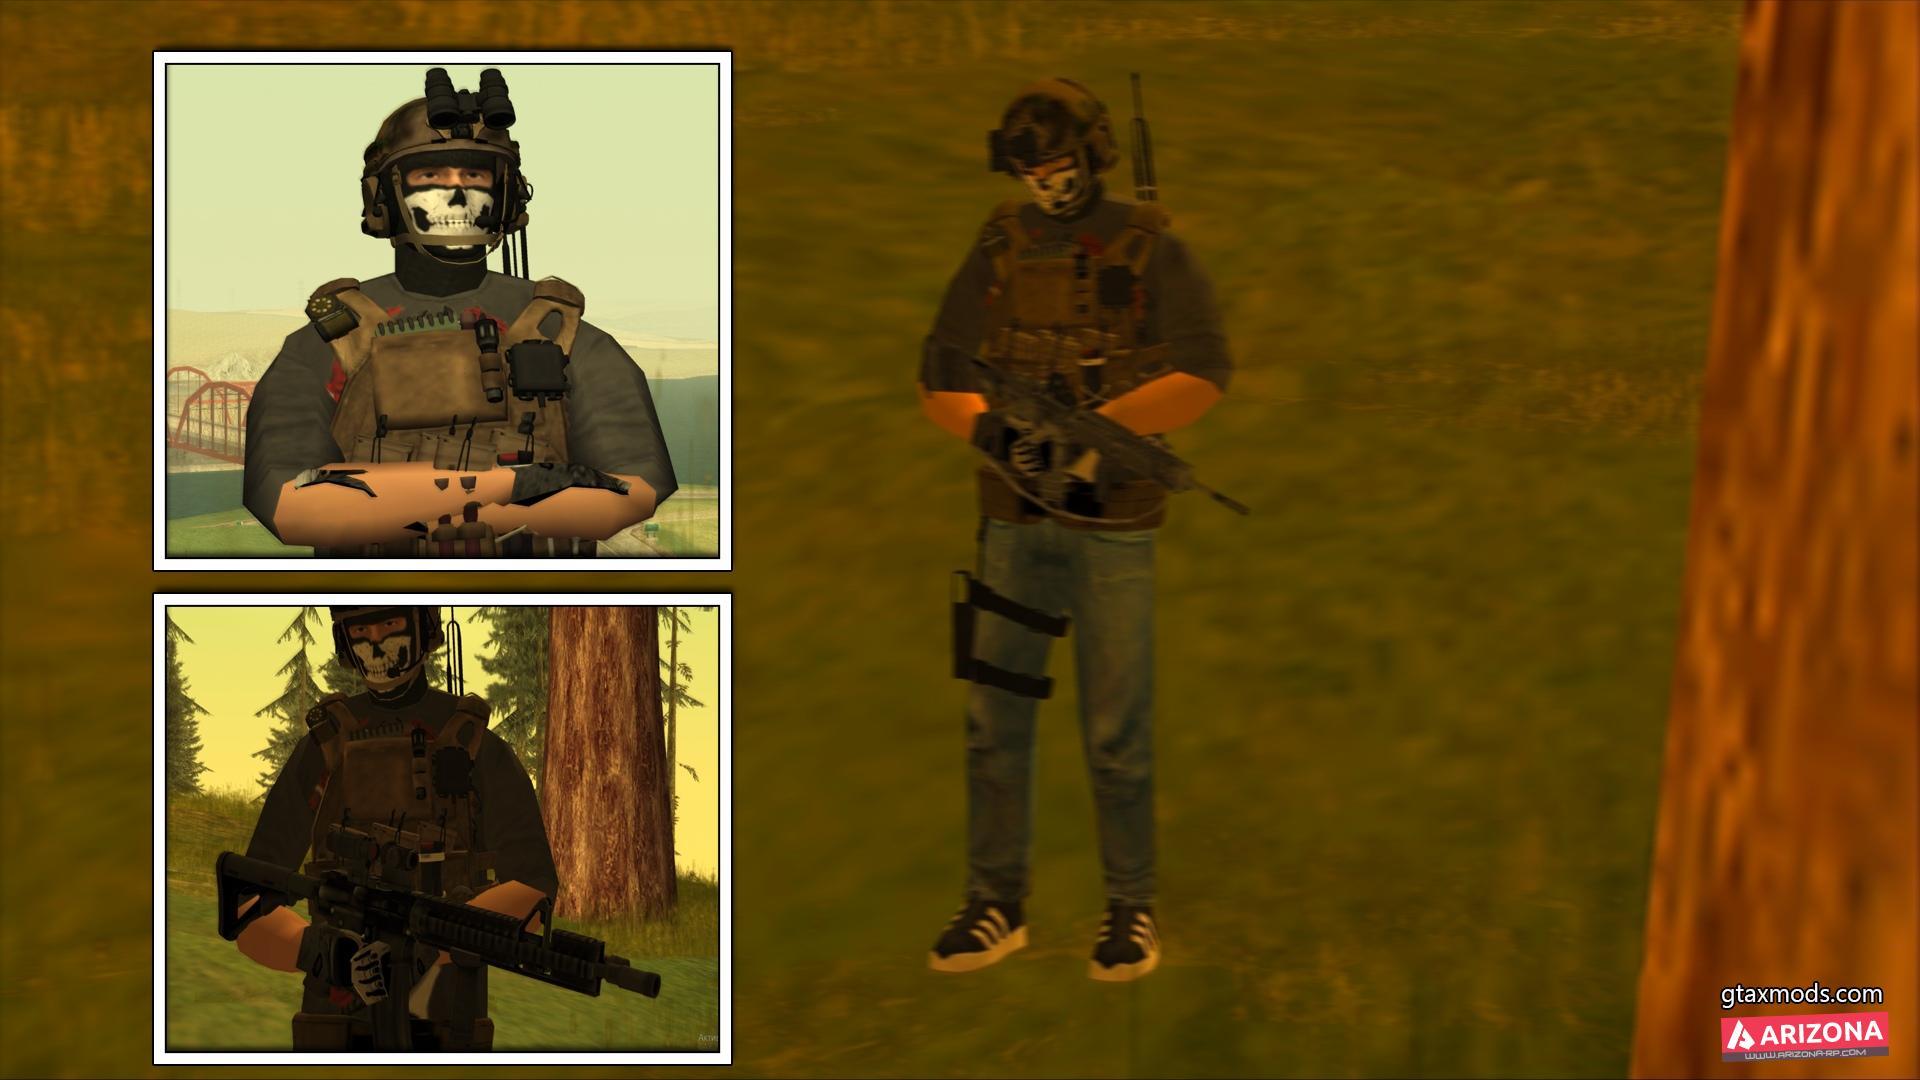 SWAT Skull Mask